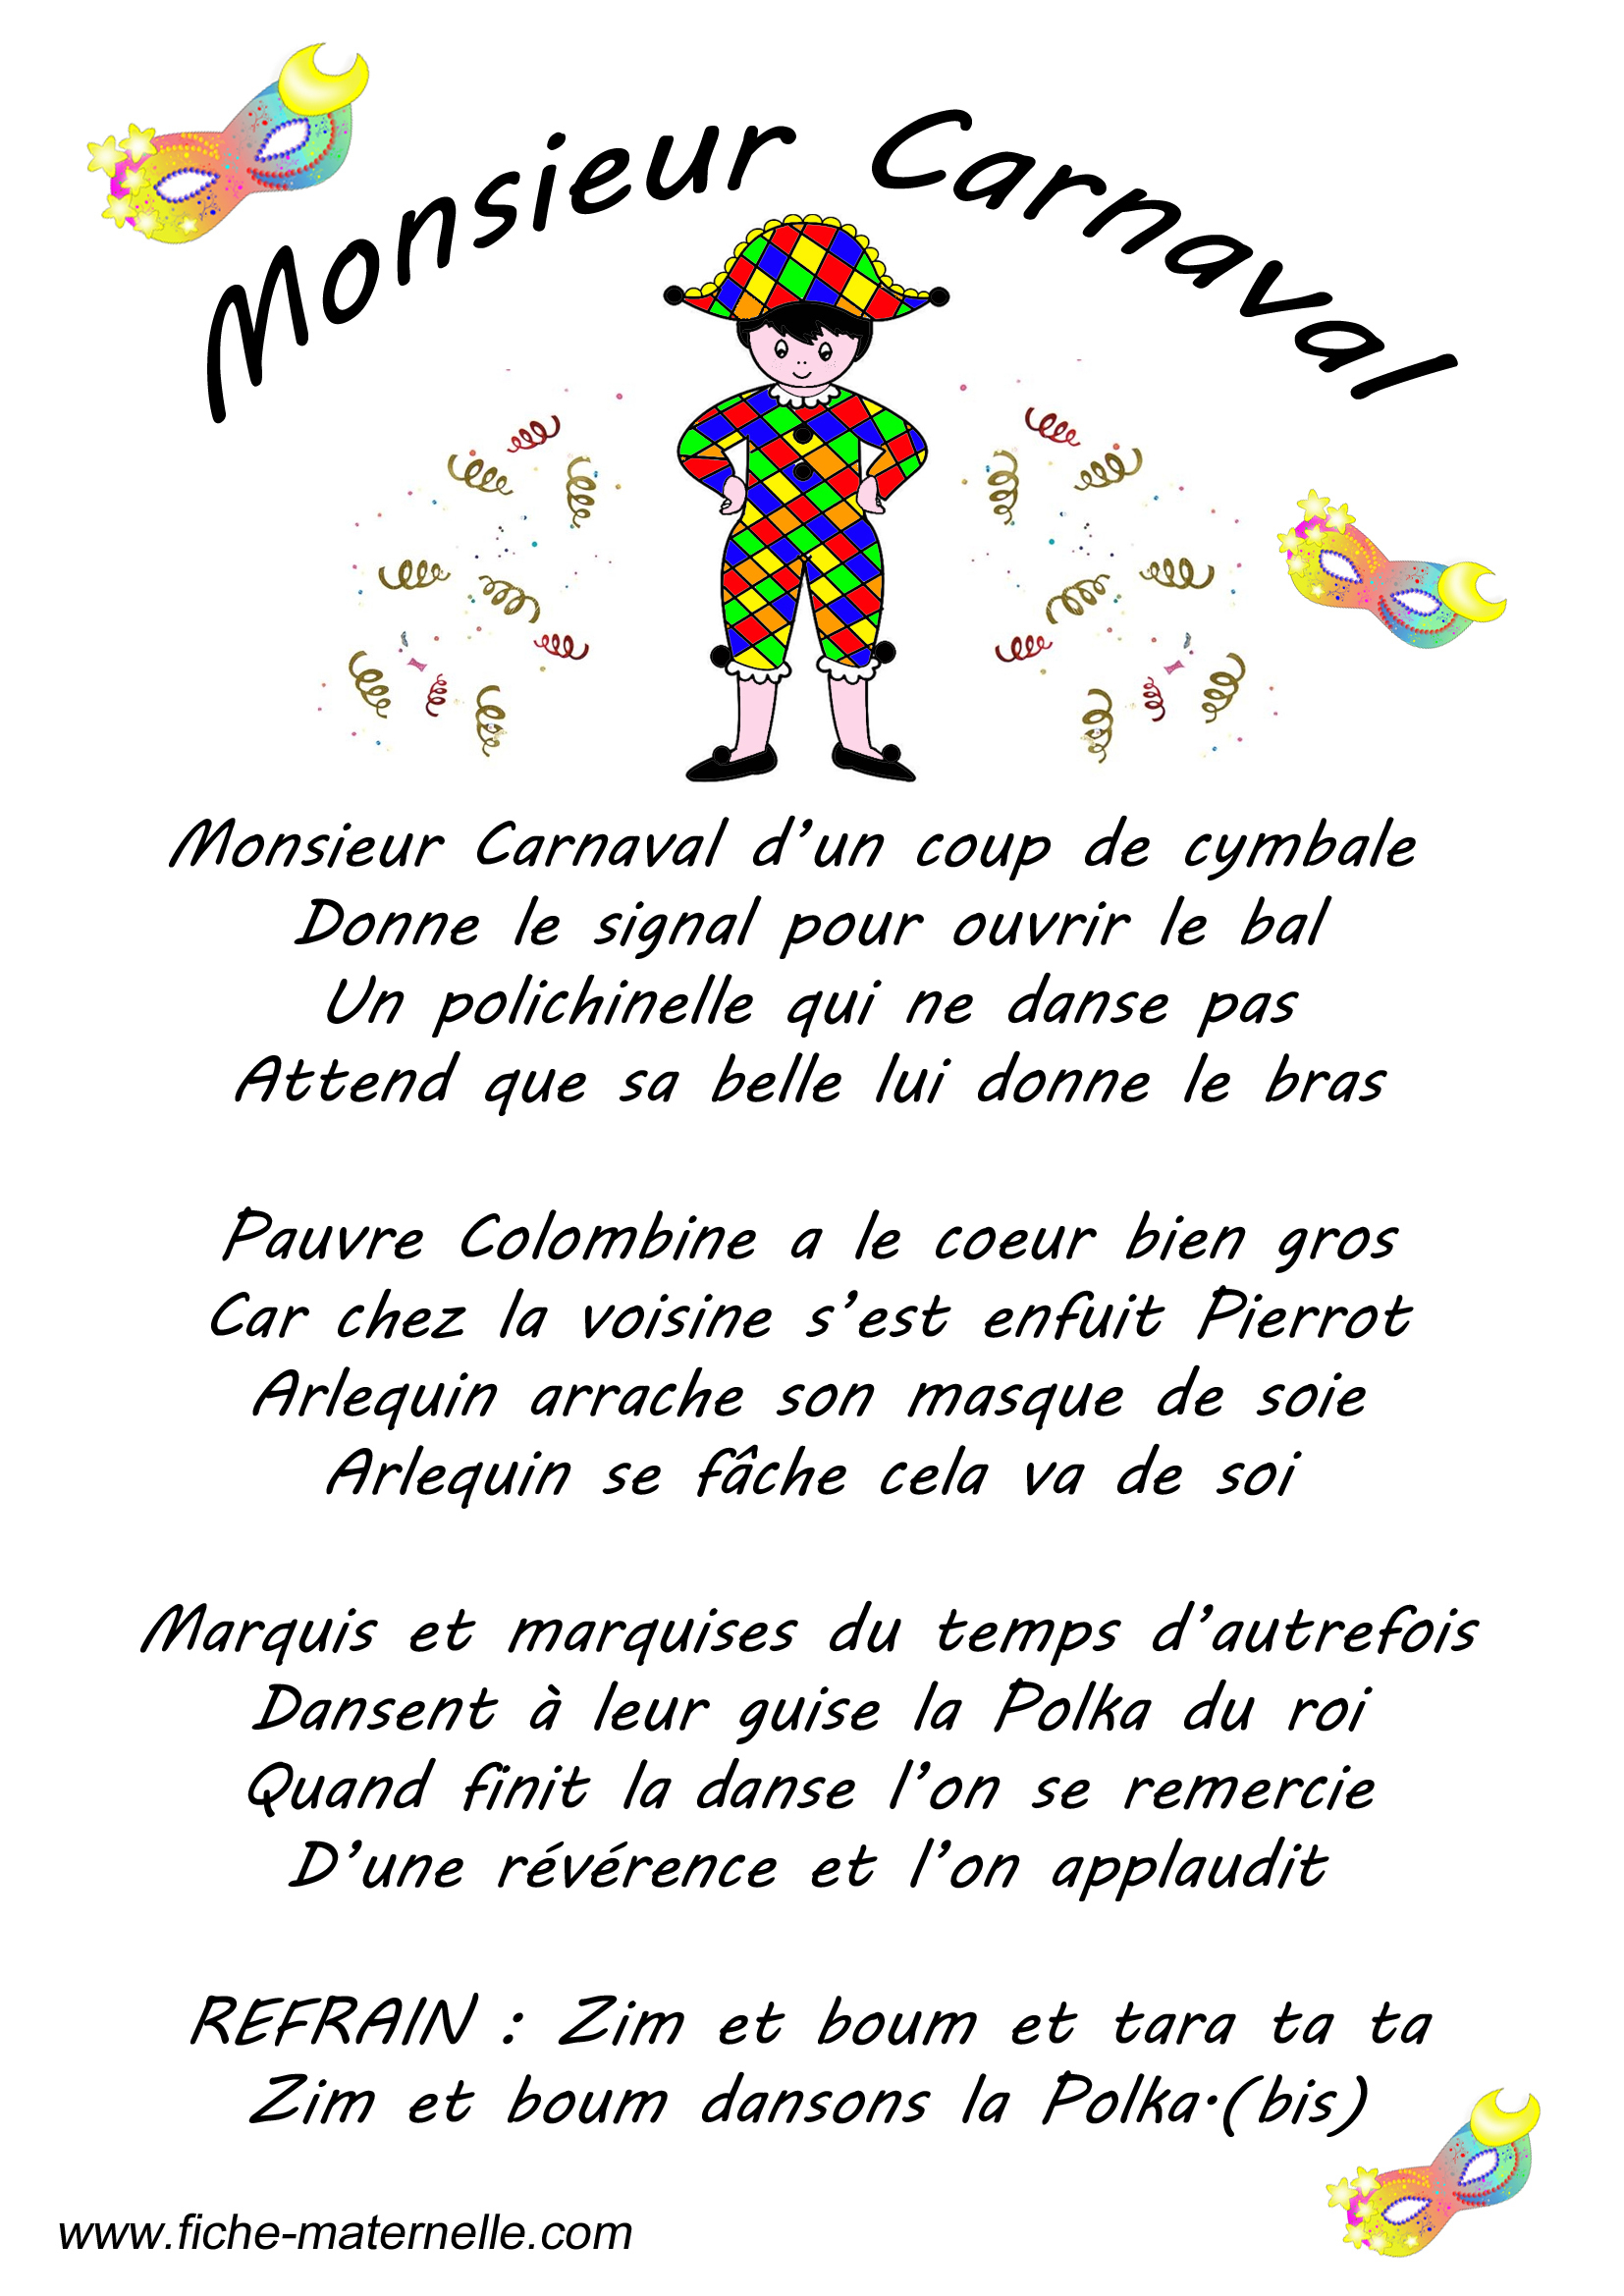 Paroles D'une Chanson Sur Le Thème Du Carnaval : Monsieur destiné Chanson A Imprimer